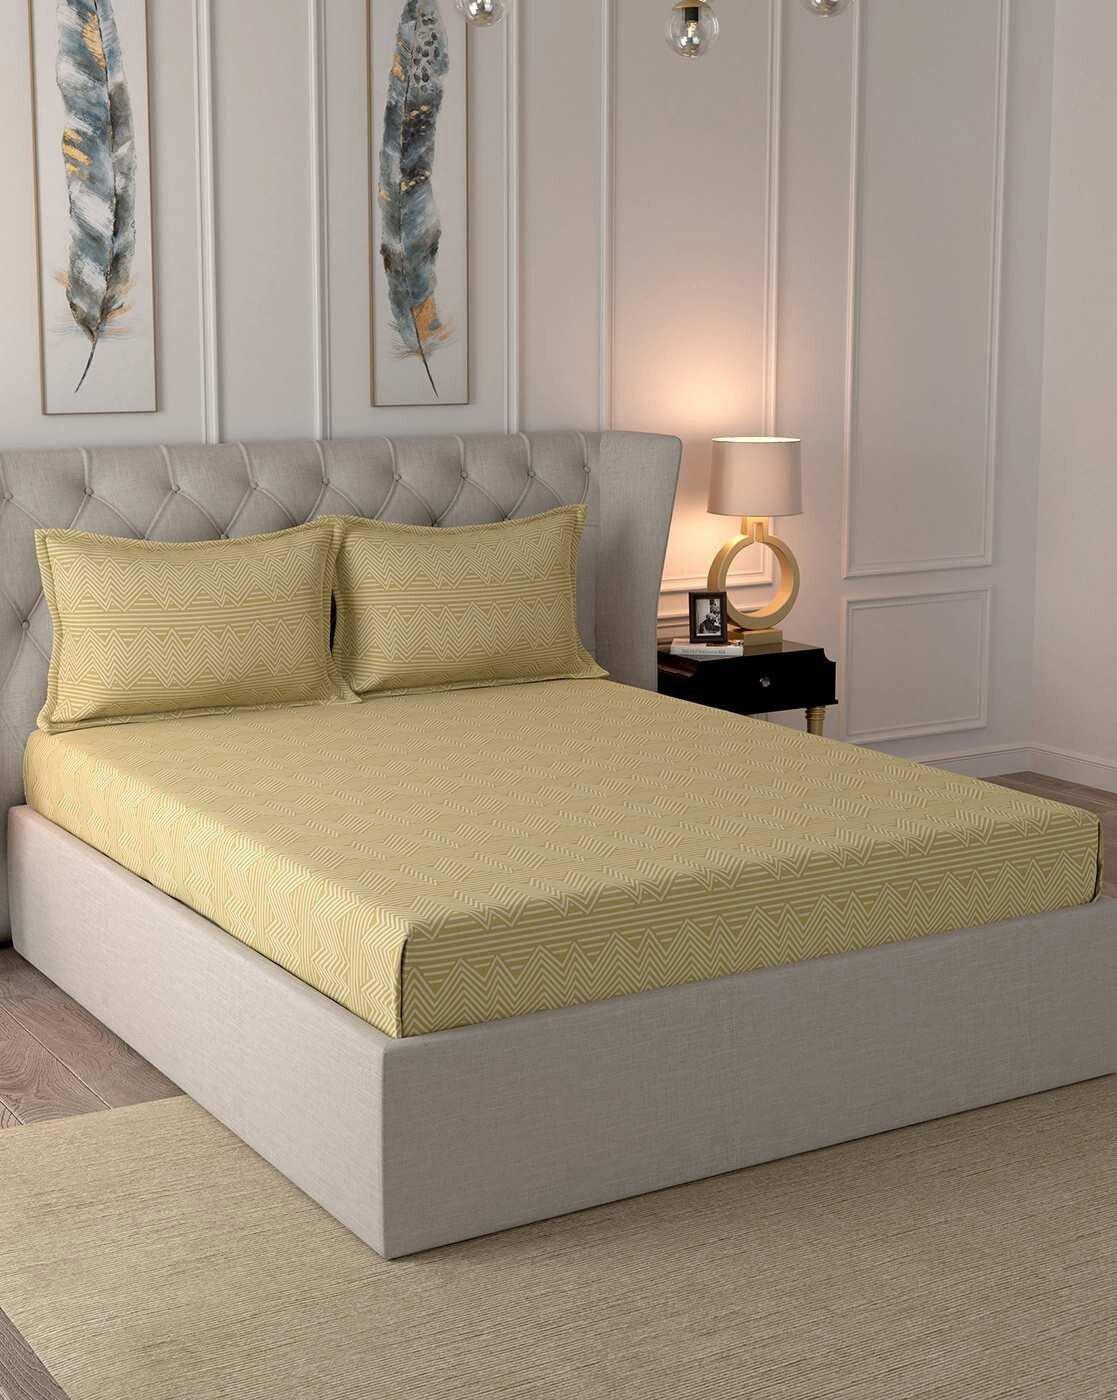 maspar inhouse craze 144tc cotton king bedsheet with 2 pillow covers